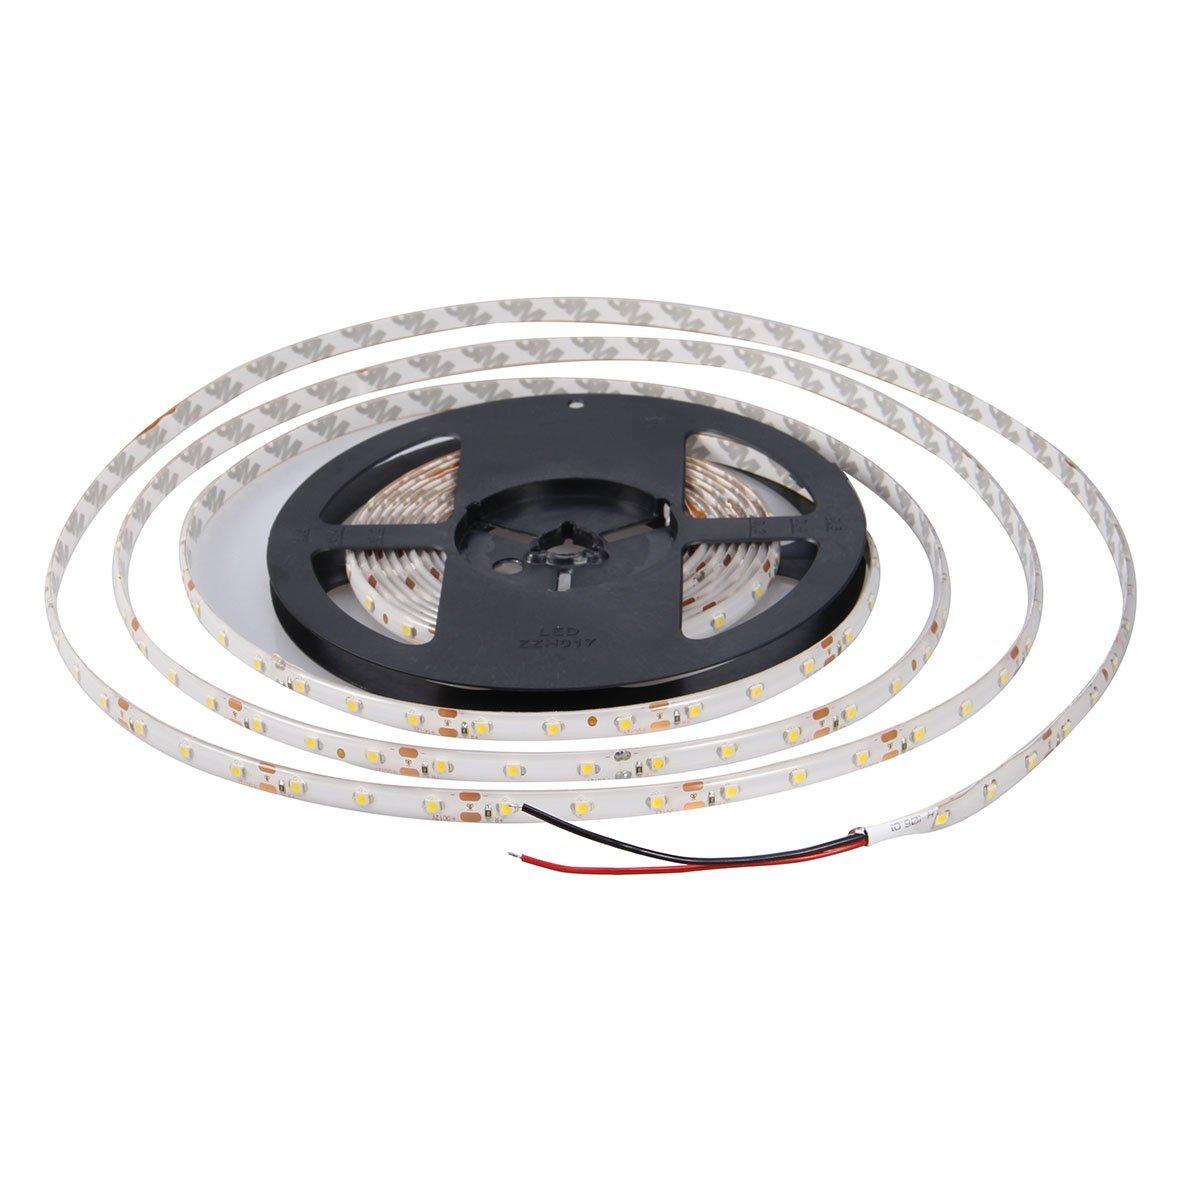 XKTTSUEERCRR Waterproof Cool White LED Strip 3528 SMD 300LED 5M Flexible Lamp Light 12V 2A 60LED/M